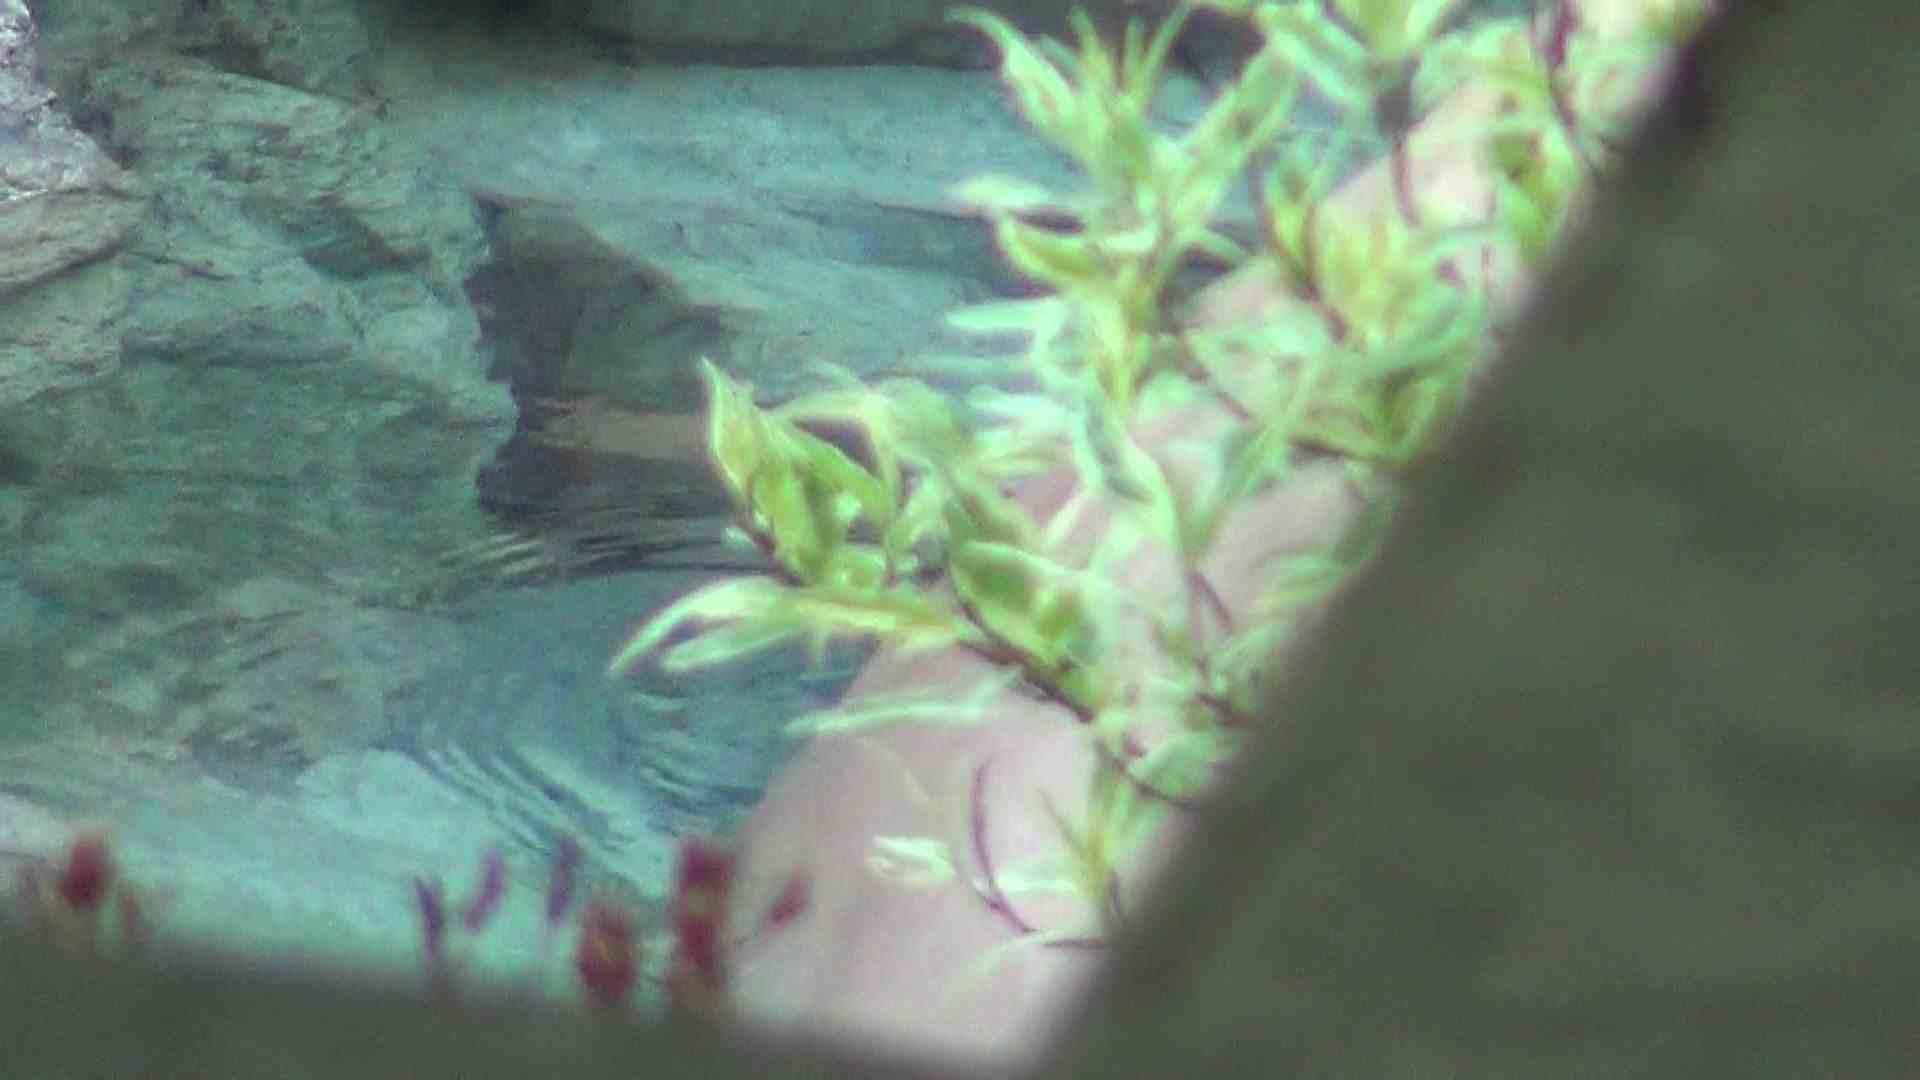 ハイビジョンVol.6 白い素肌にピンクのほっぺ 美女 おめこ無修正動画無料 82画像 46